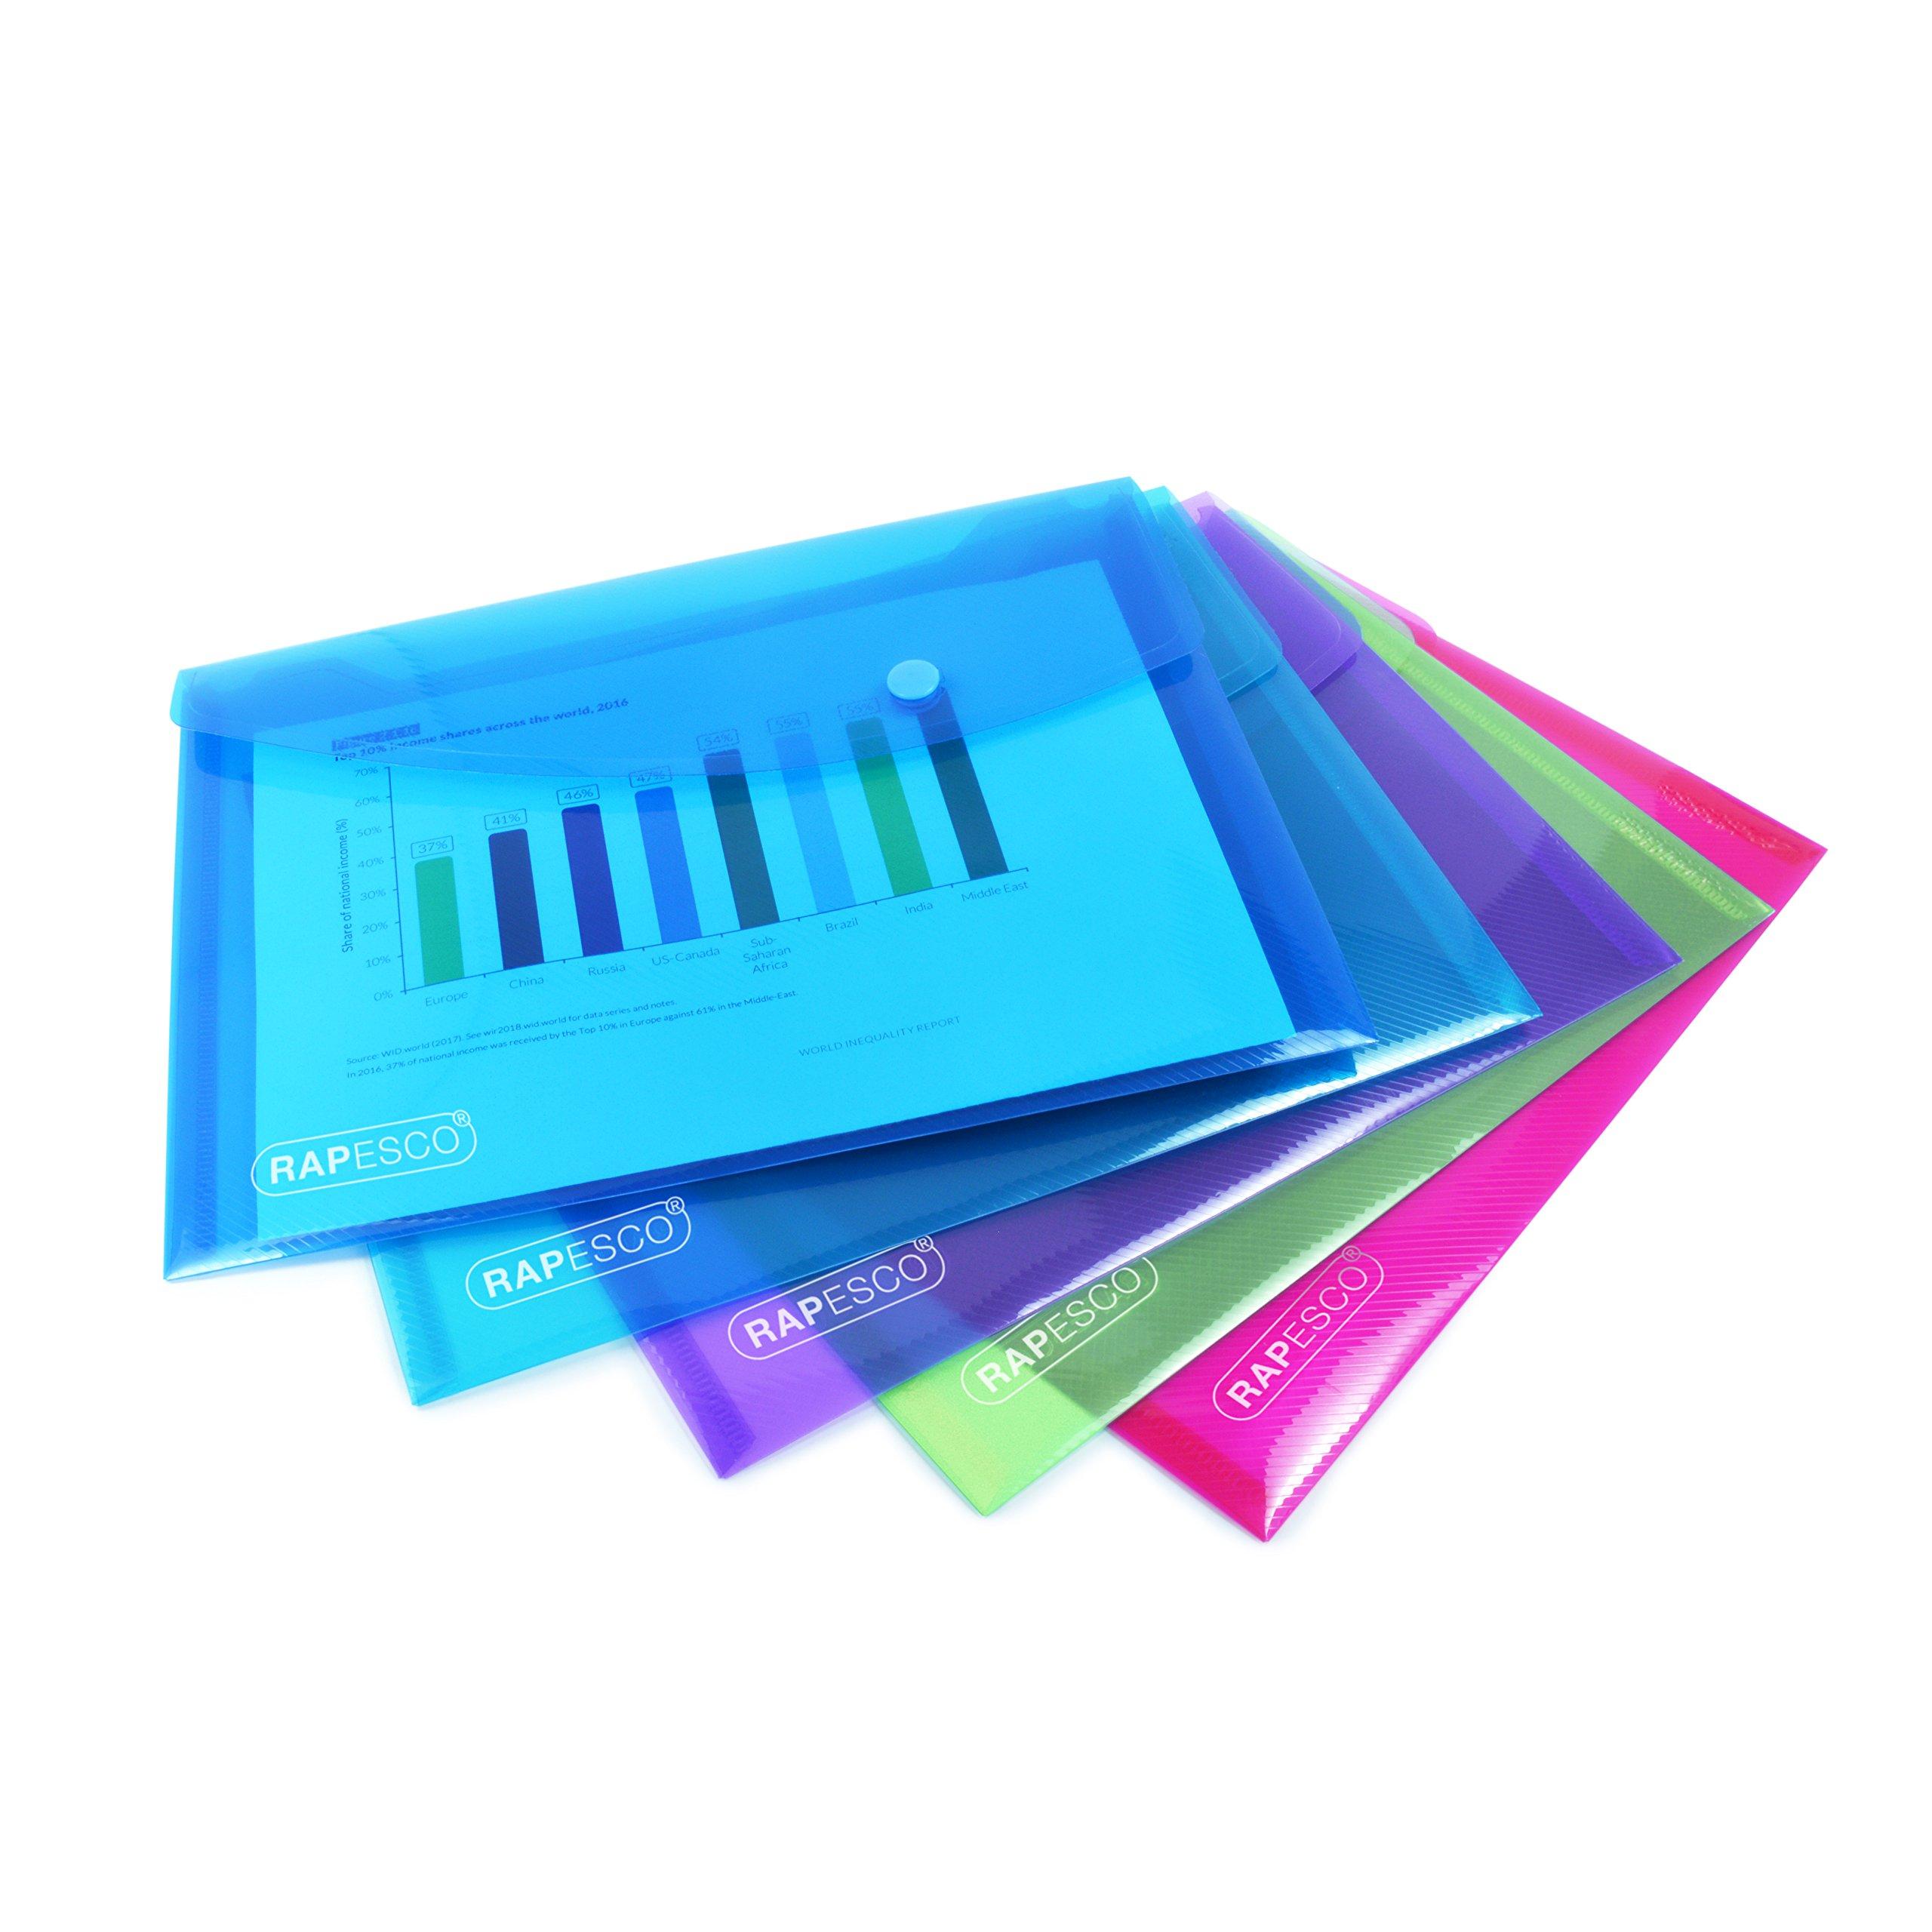 Rapesco Documentos - Carpeta portadocumentos A5, colores variados, 5 unidades